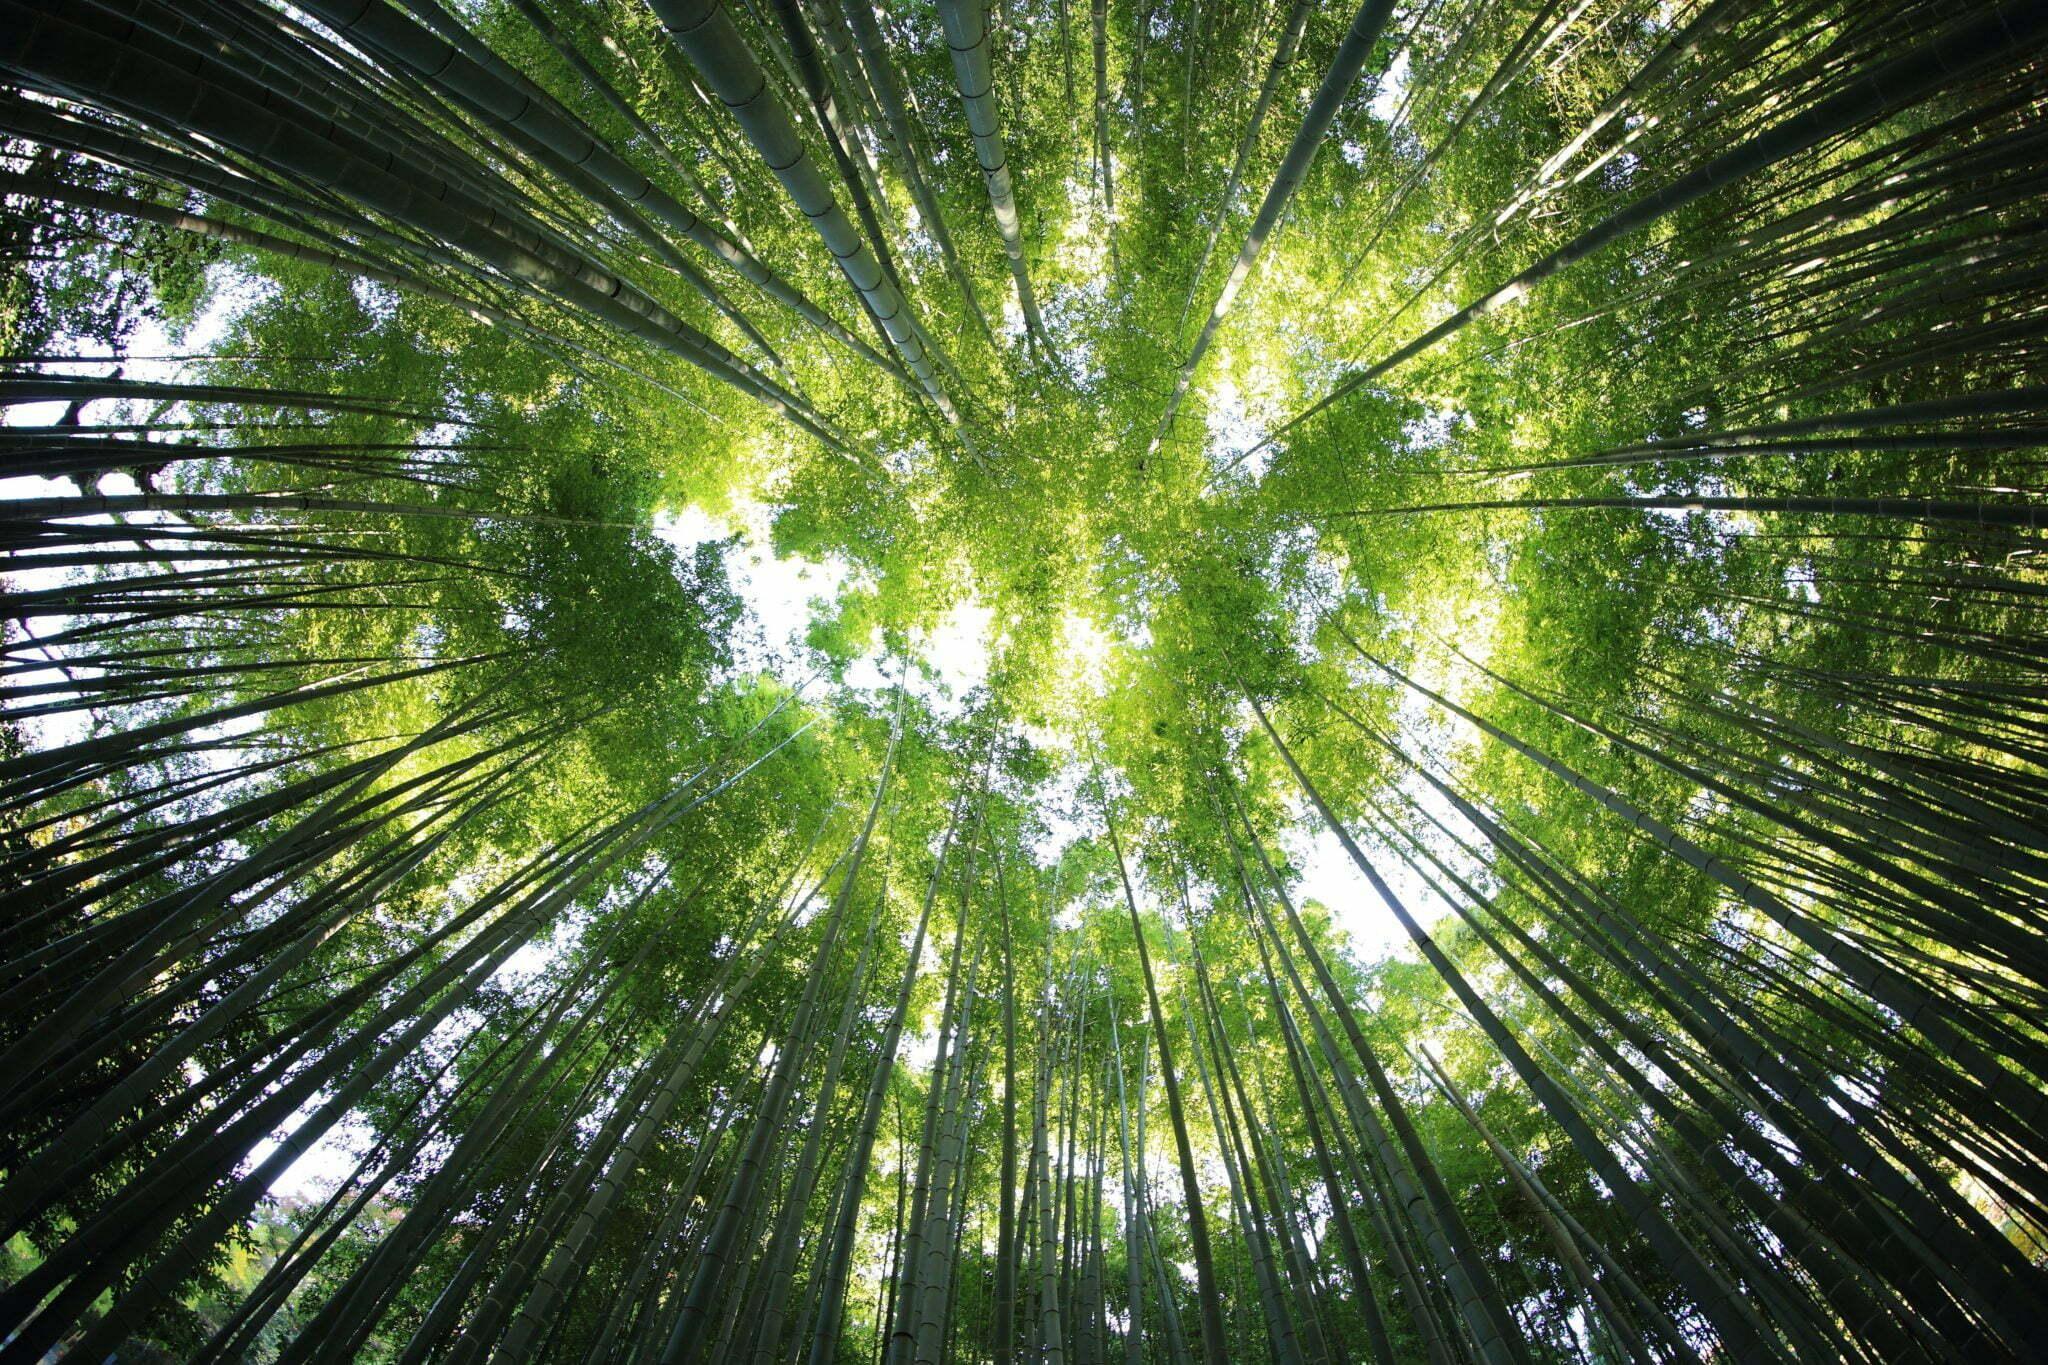 Trädkronor i solljus